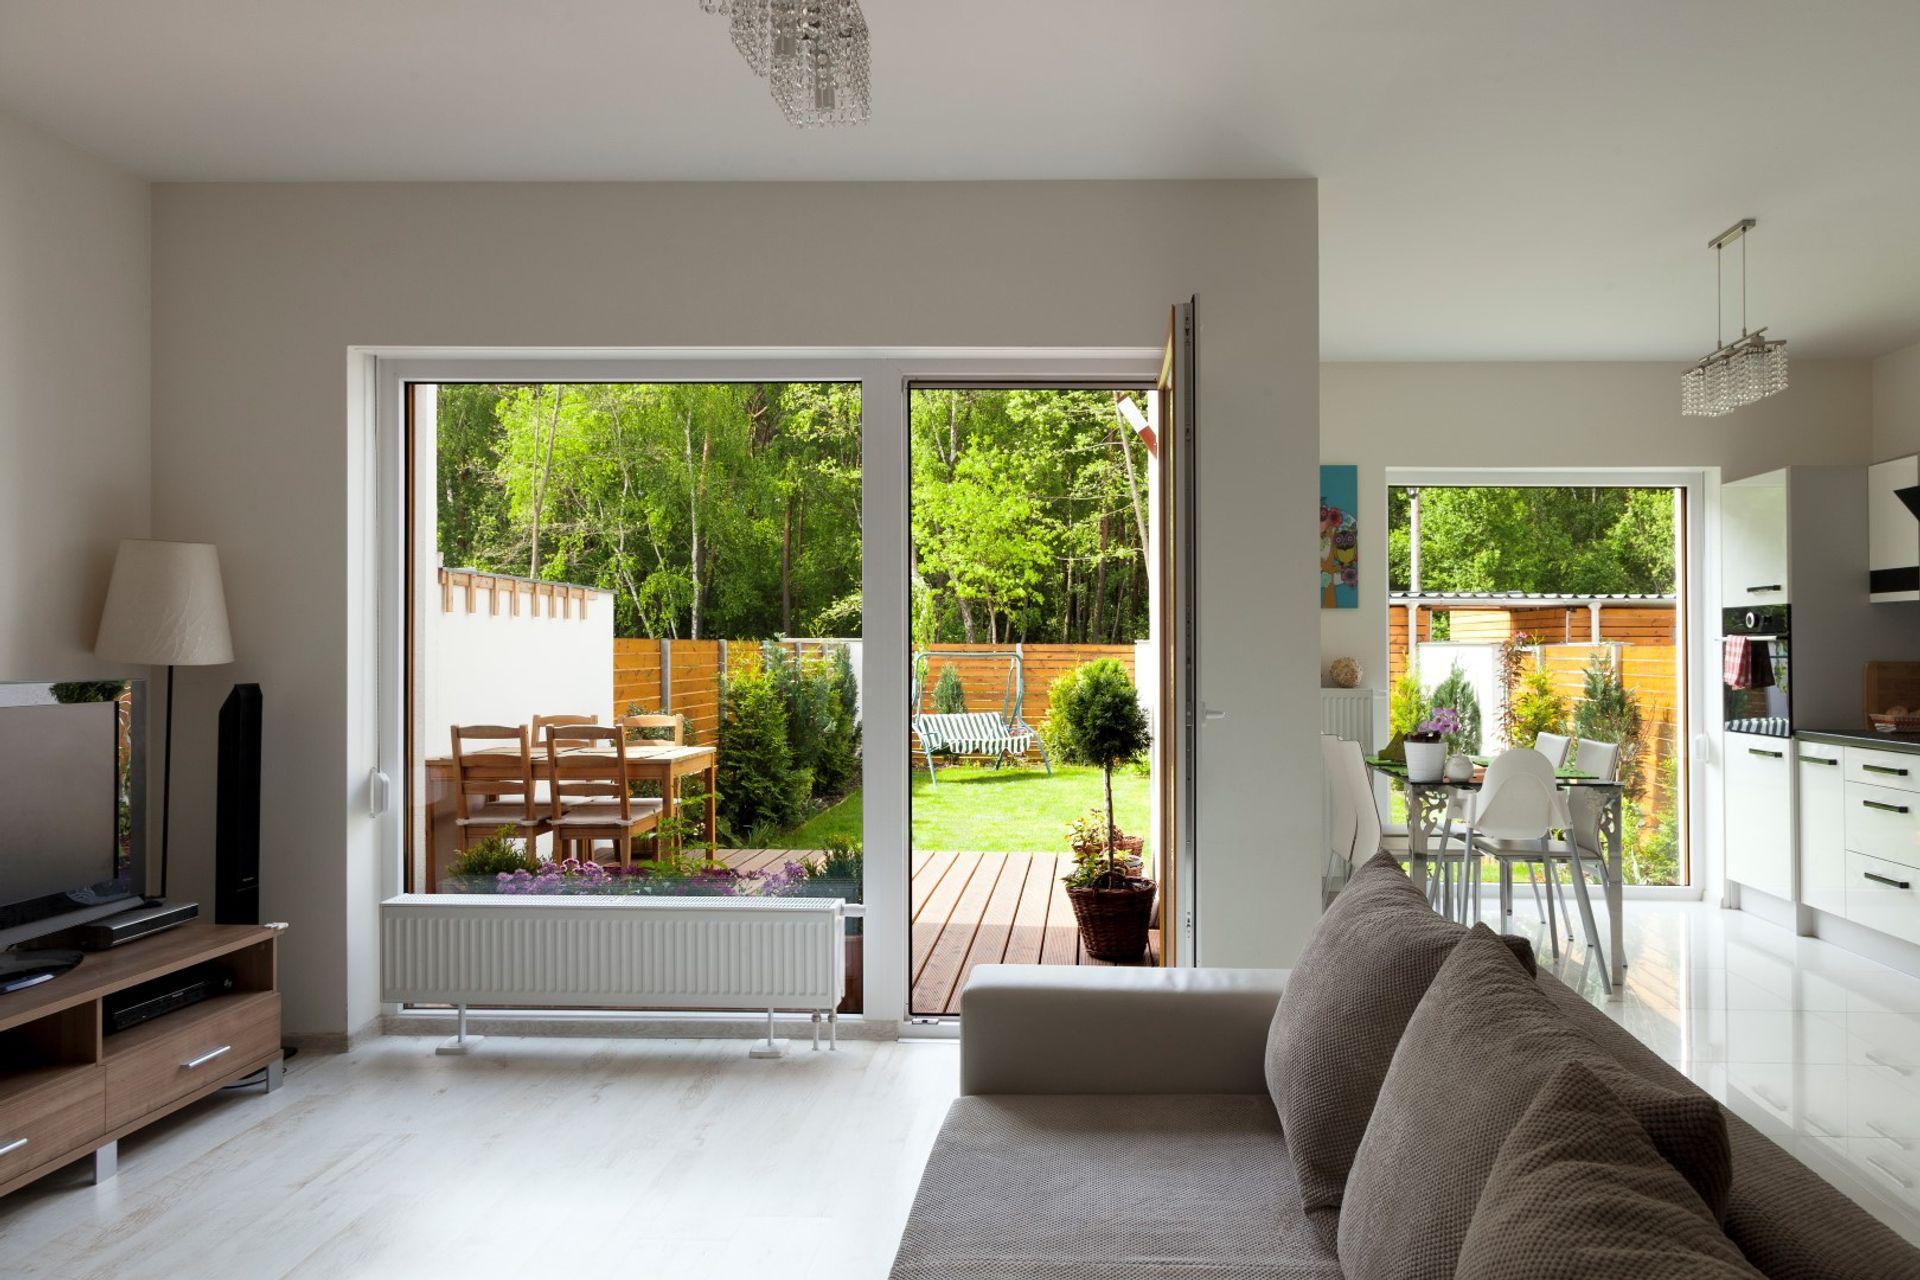 [wielkopolskie] Zakup mieszkania z dopłatą MdM nadal jest możliwy